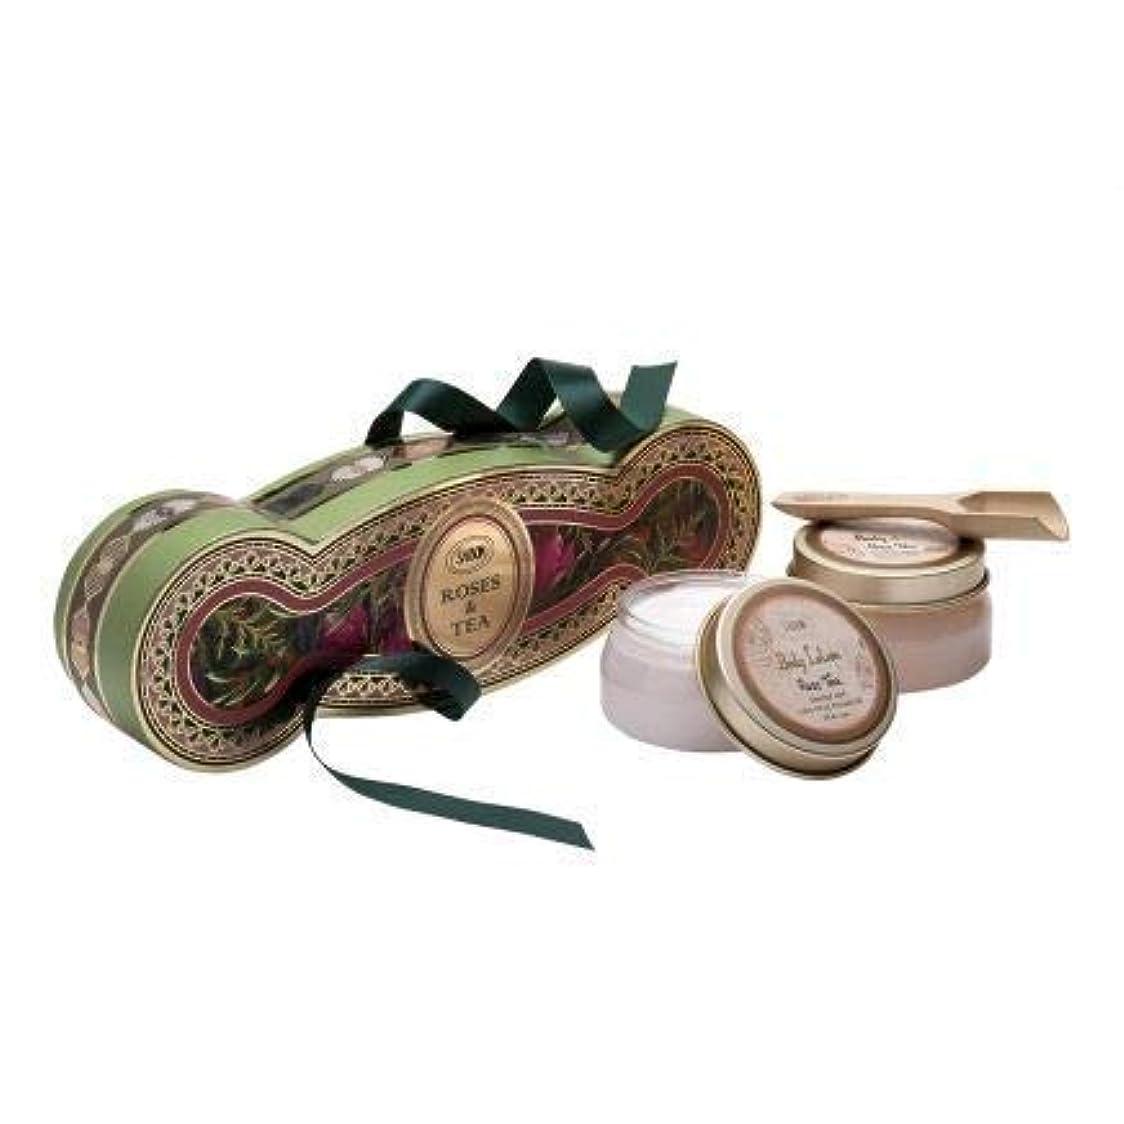 うねる花輪アラブサボン コフレ ギフト ローズティー キット ボディスクラブ ボディローション ホワイトデー SABON Rose Tea kit コレクション